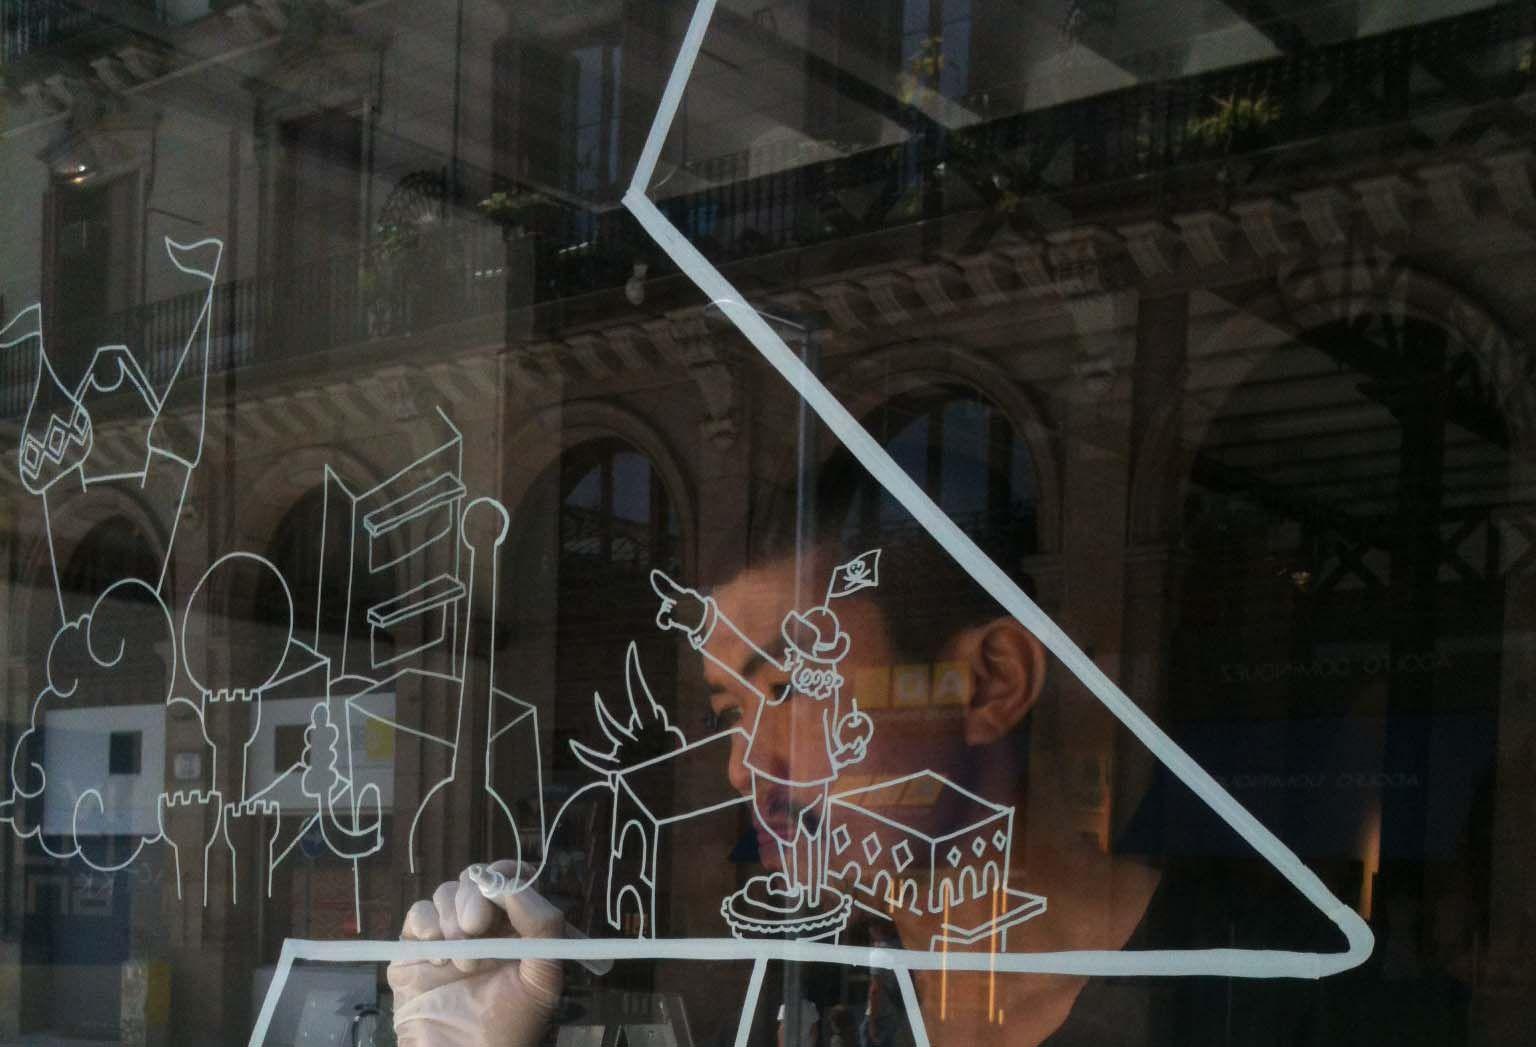 Yoshi Sislay ilustrador con una marca propia. Diseñó y realizó nuestro escaparate. También tenemos productos suyos a Kmaleon :)